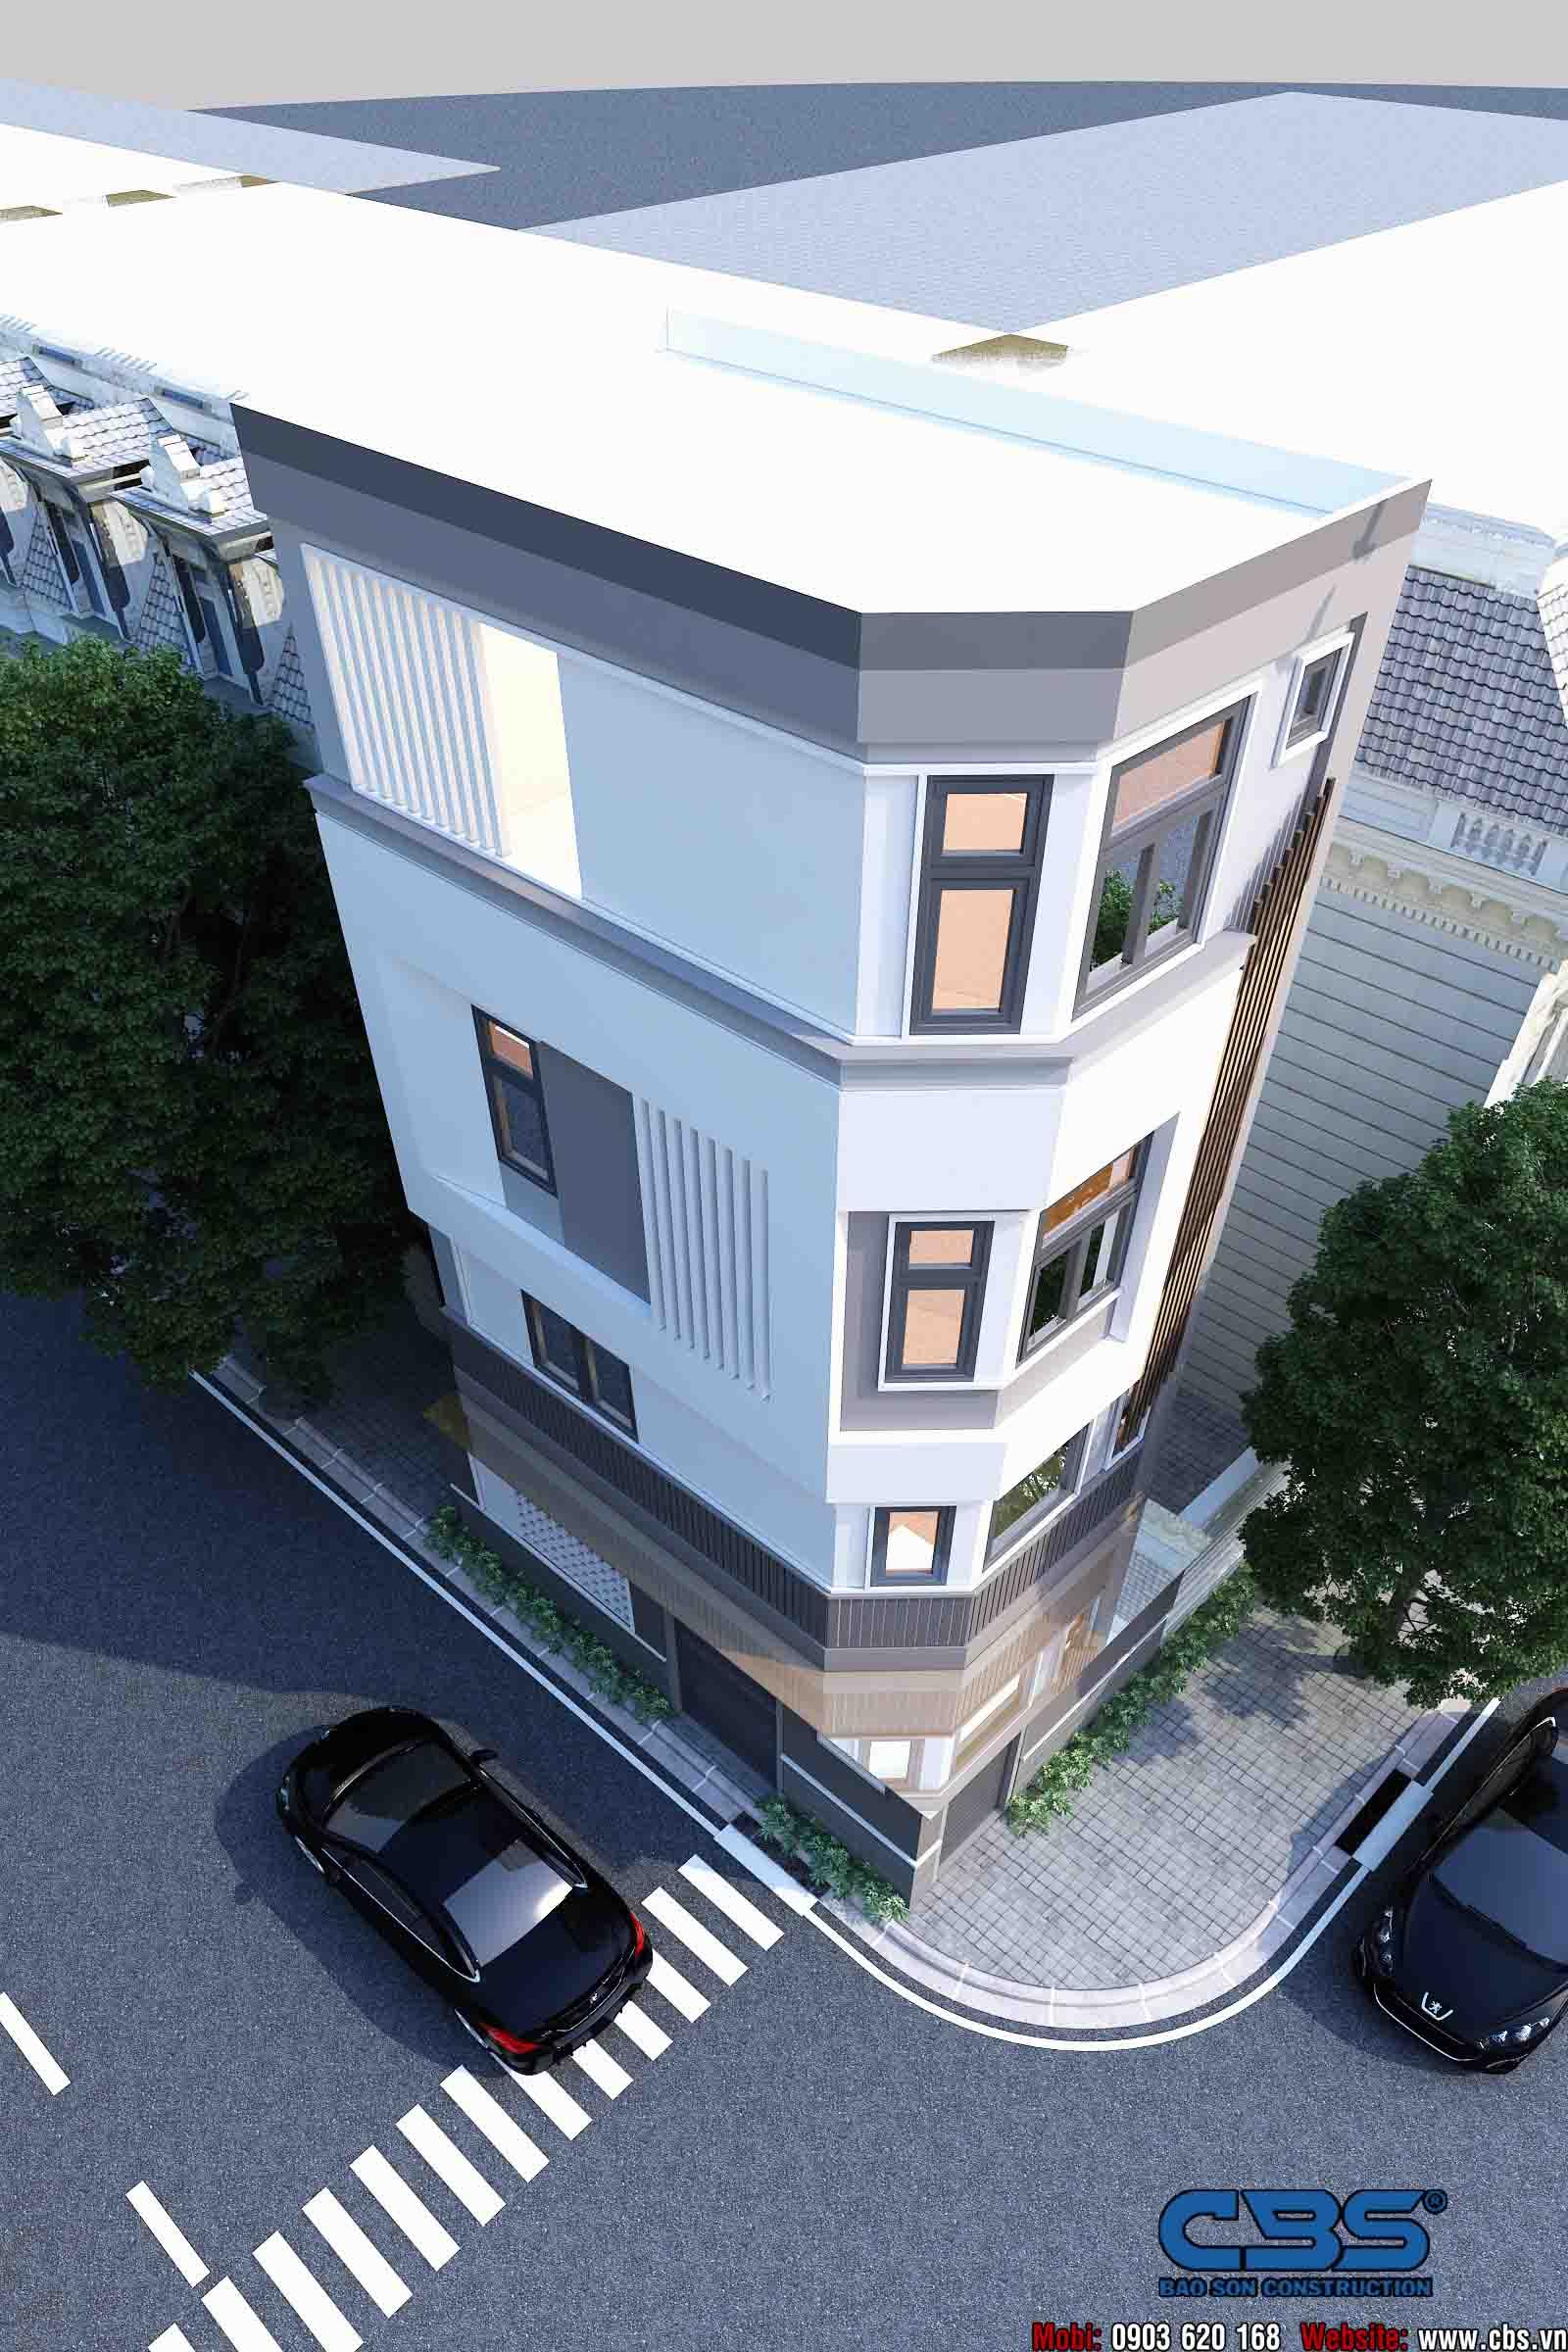 Mẫu nhà diện tích chỉ 4,5m x 7m chỉ hai lầu nhưng có tới 4 phòng ngủ với đầy đủ tiện nghi, đẹp và thoáng đến không tưởng... 9